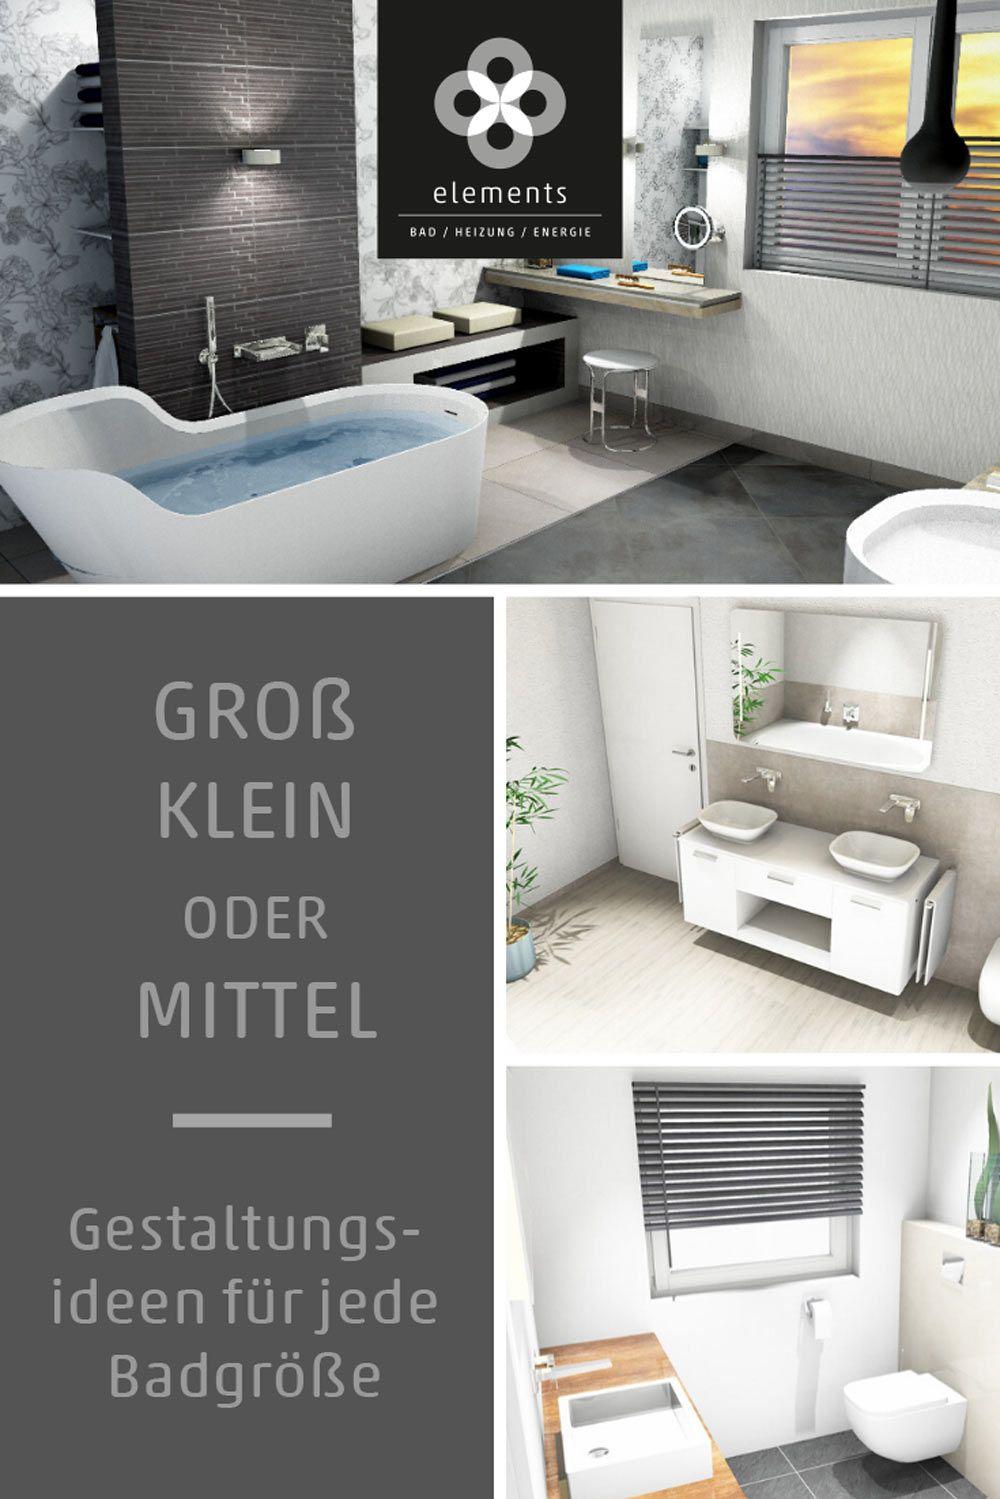 Ideen Fur Jede Badgrosse Badezimmer Grundriss Neues Badezimmer Raumplaner